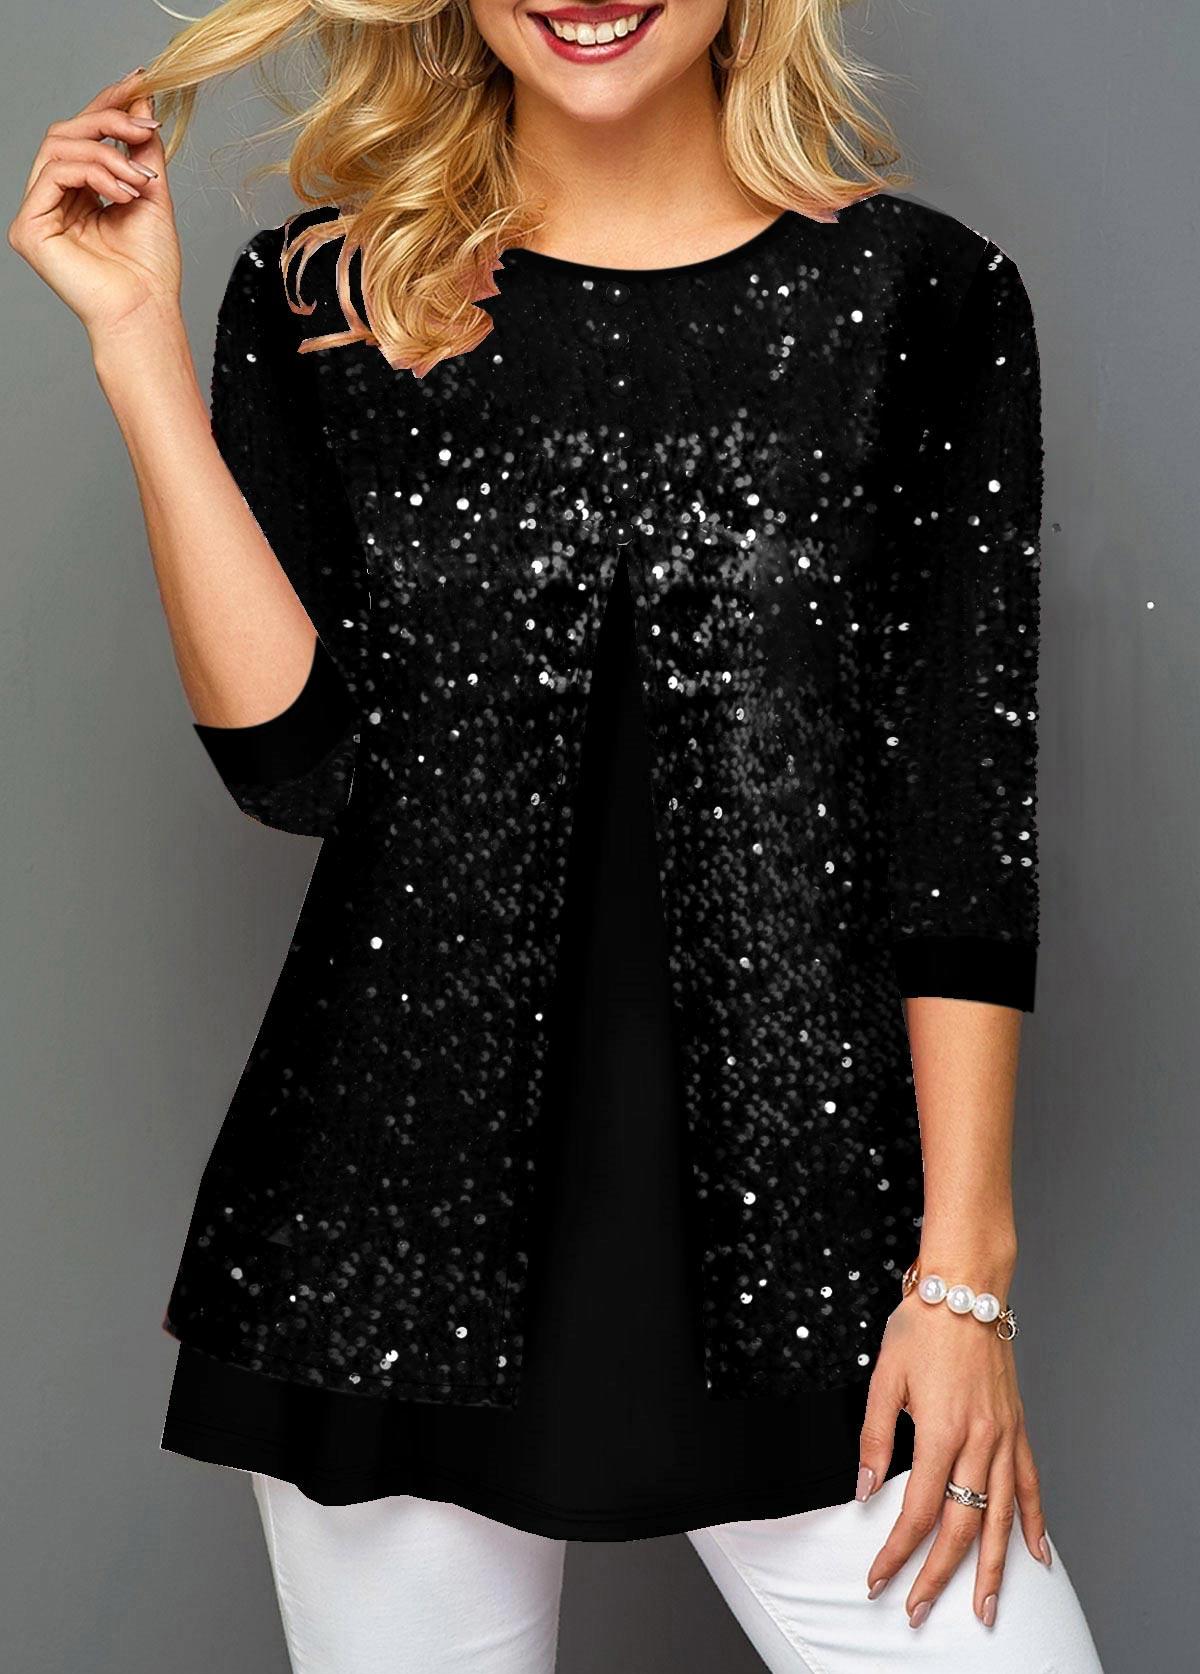 Sequin Detail Faux Two Piece Black T Shirt